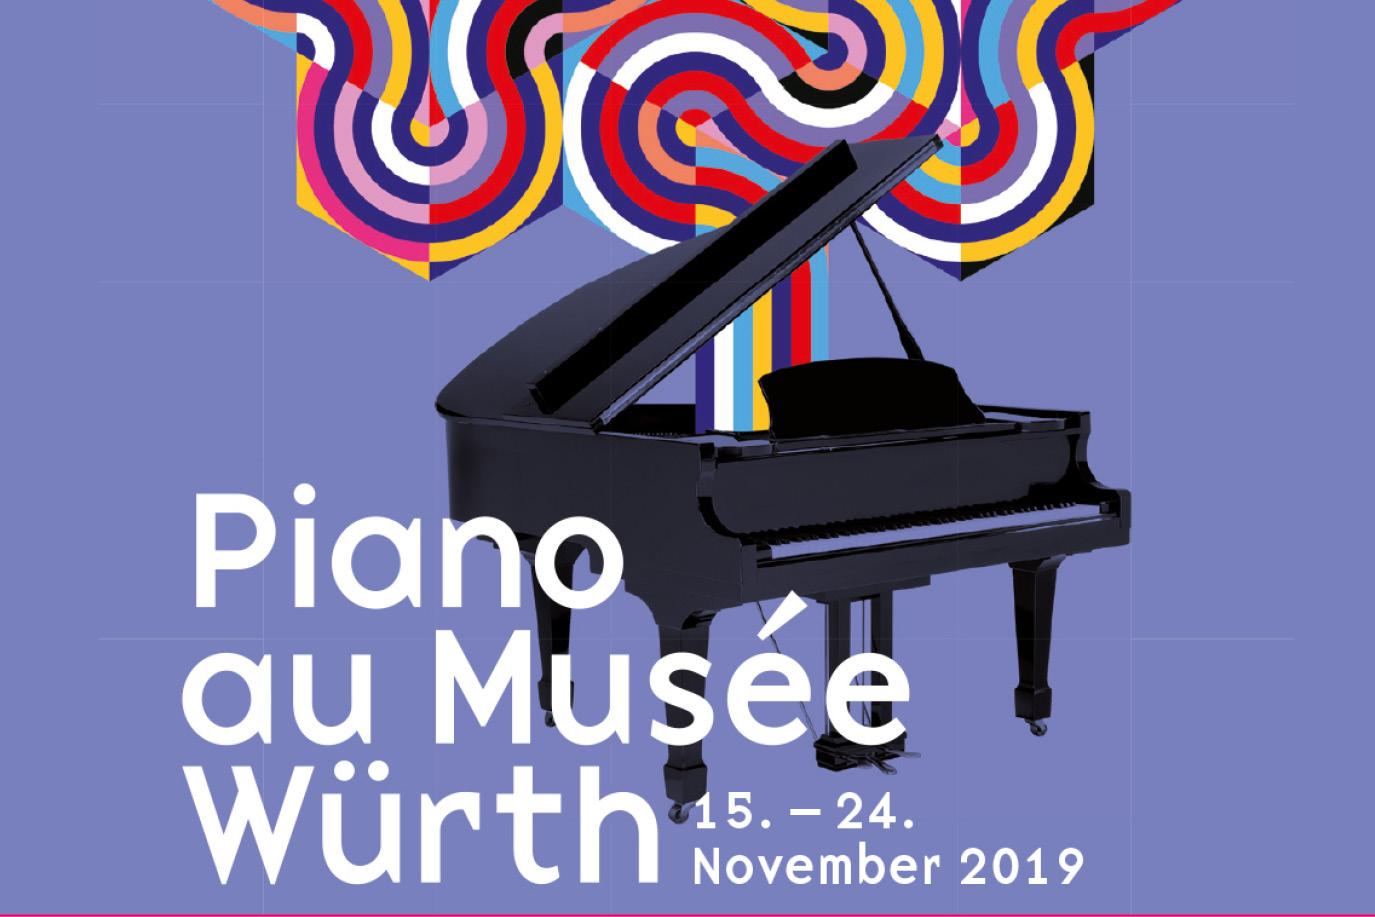 191115_FESTIVAL_PIANO MUSEE WURTH ERSTEIN_SZENIK